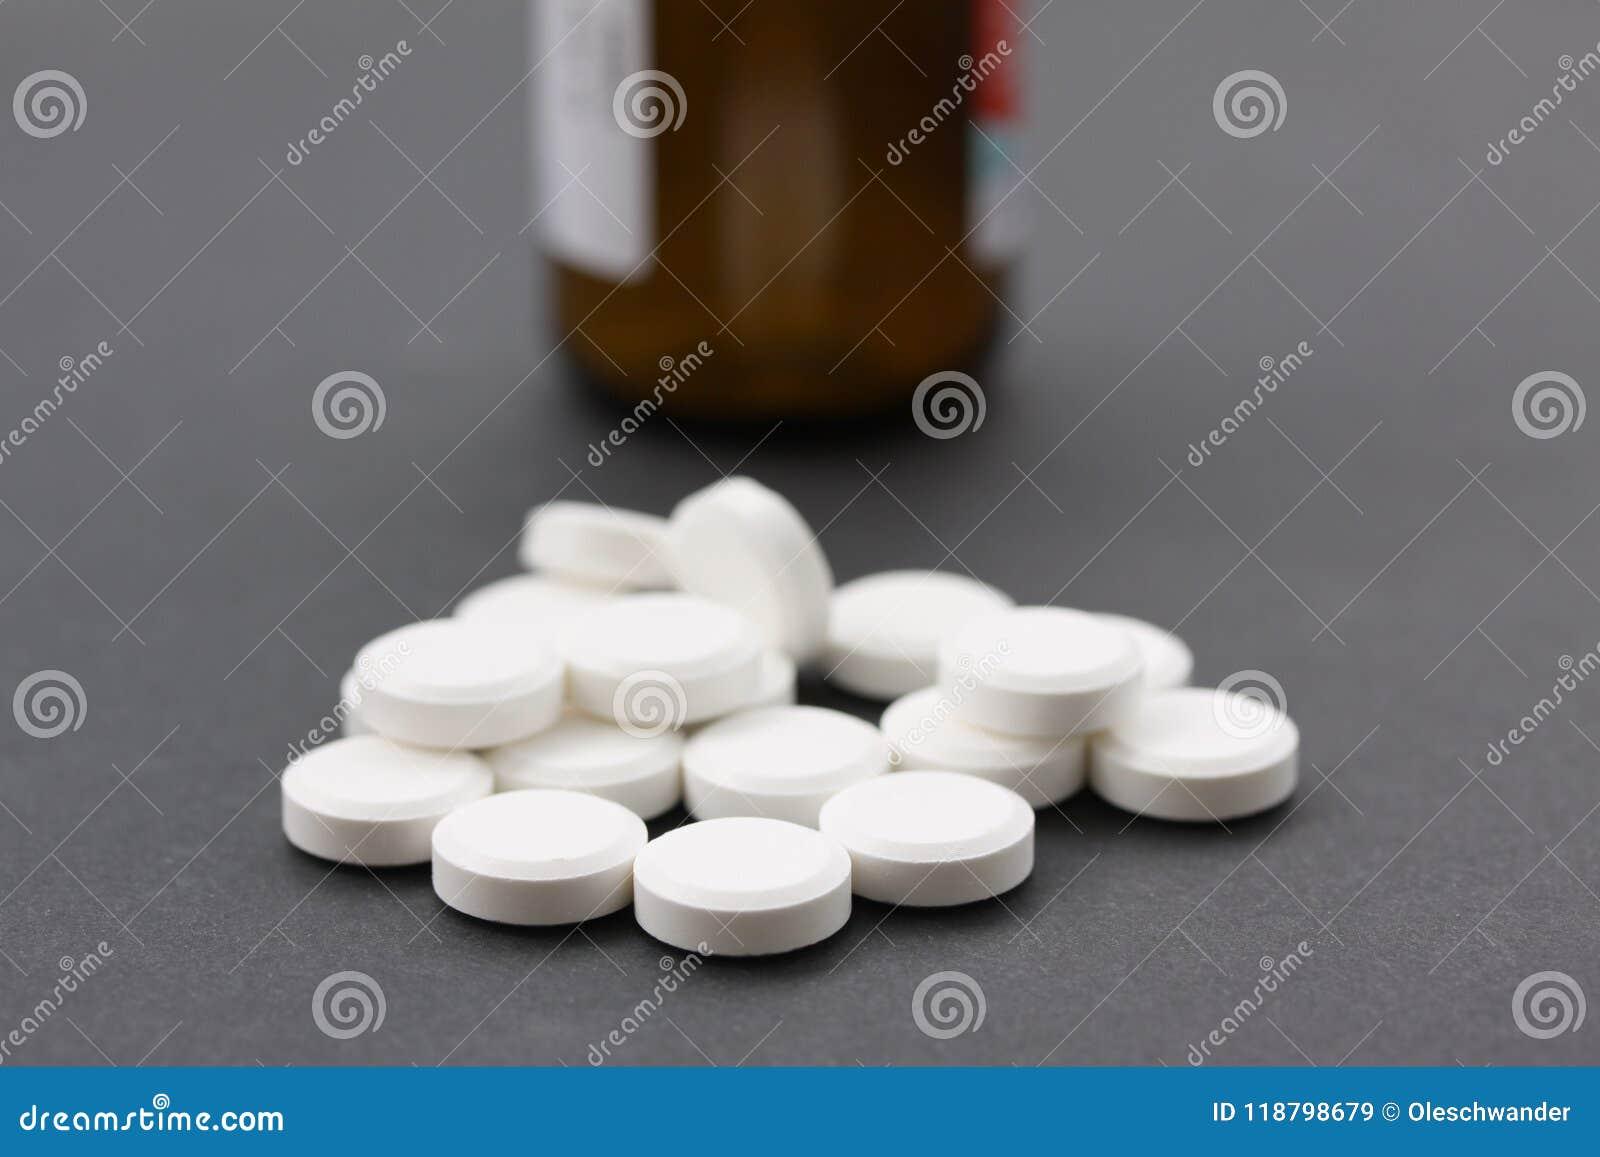 Куча белых пилюлек с коричневой бутылкой пилюльки в бутылке backgroundll иллюстрируя витамины или наркоманию к лекарствам закройт